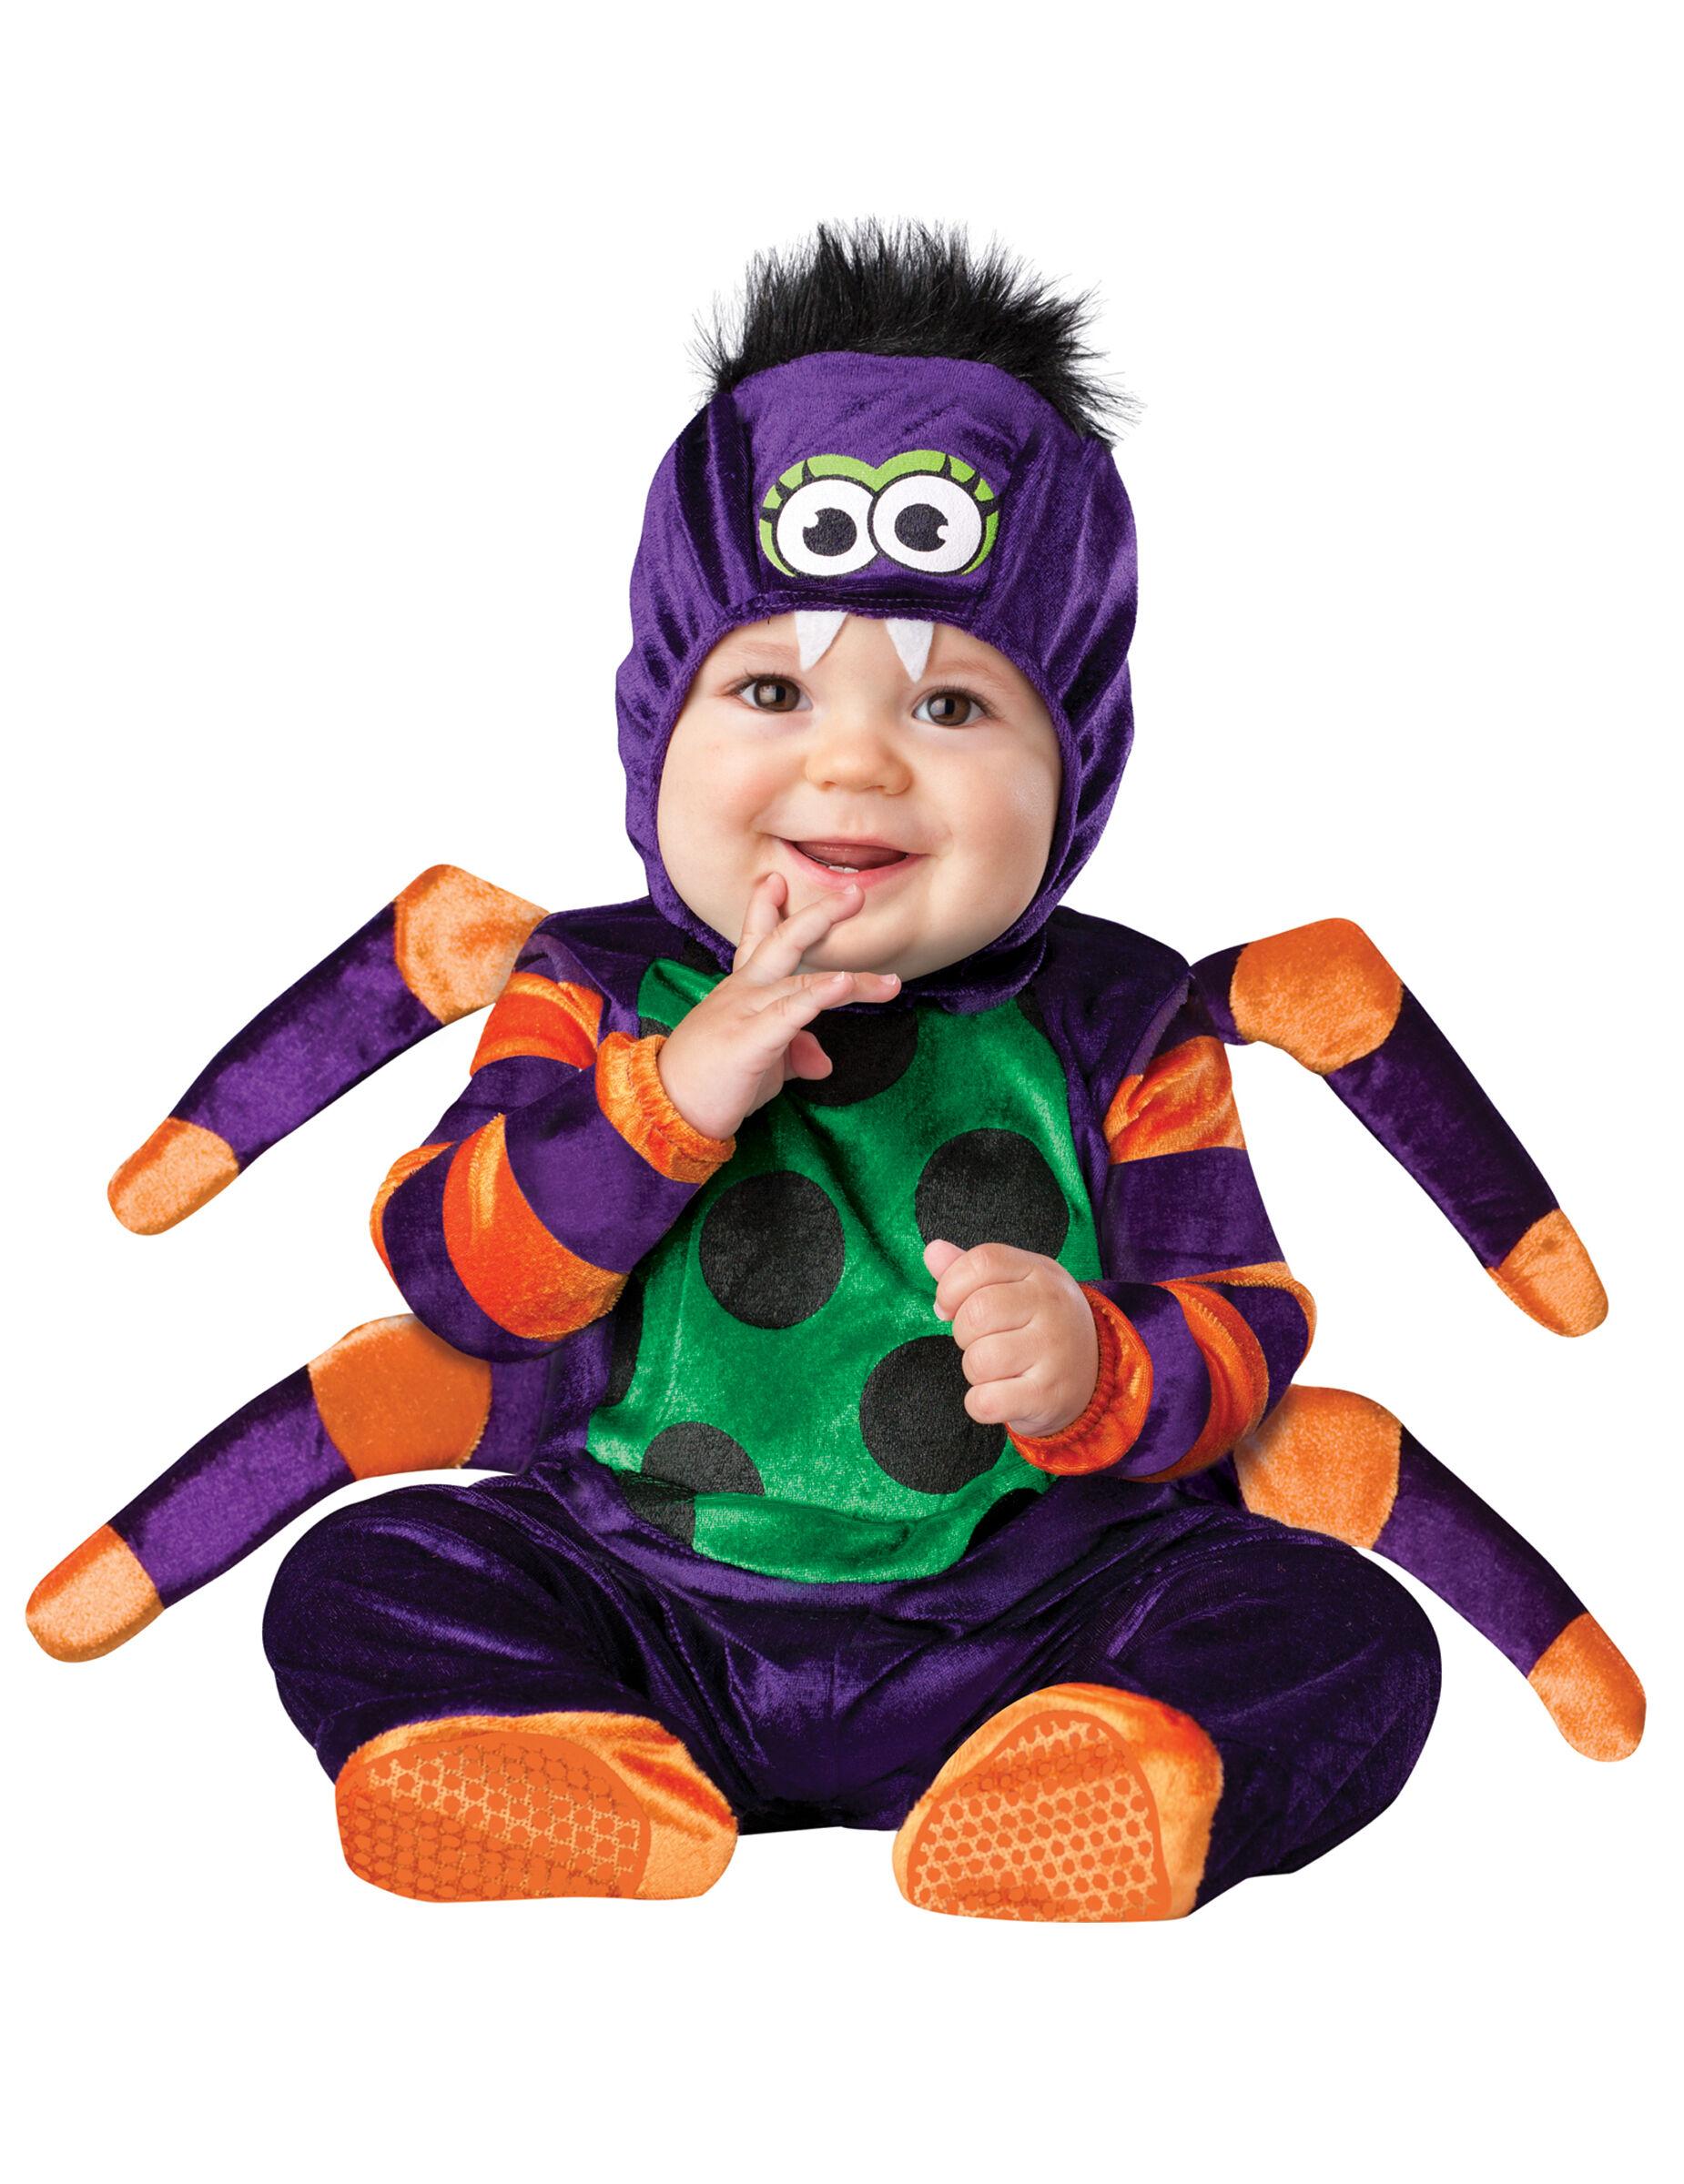 Deguisetoi Déguisement araignée pour bébé - Classique - Taille: 6-12 mois (66-74 cm)